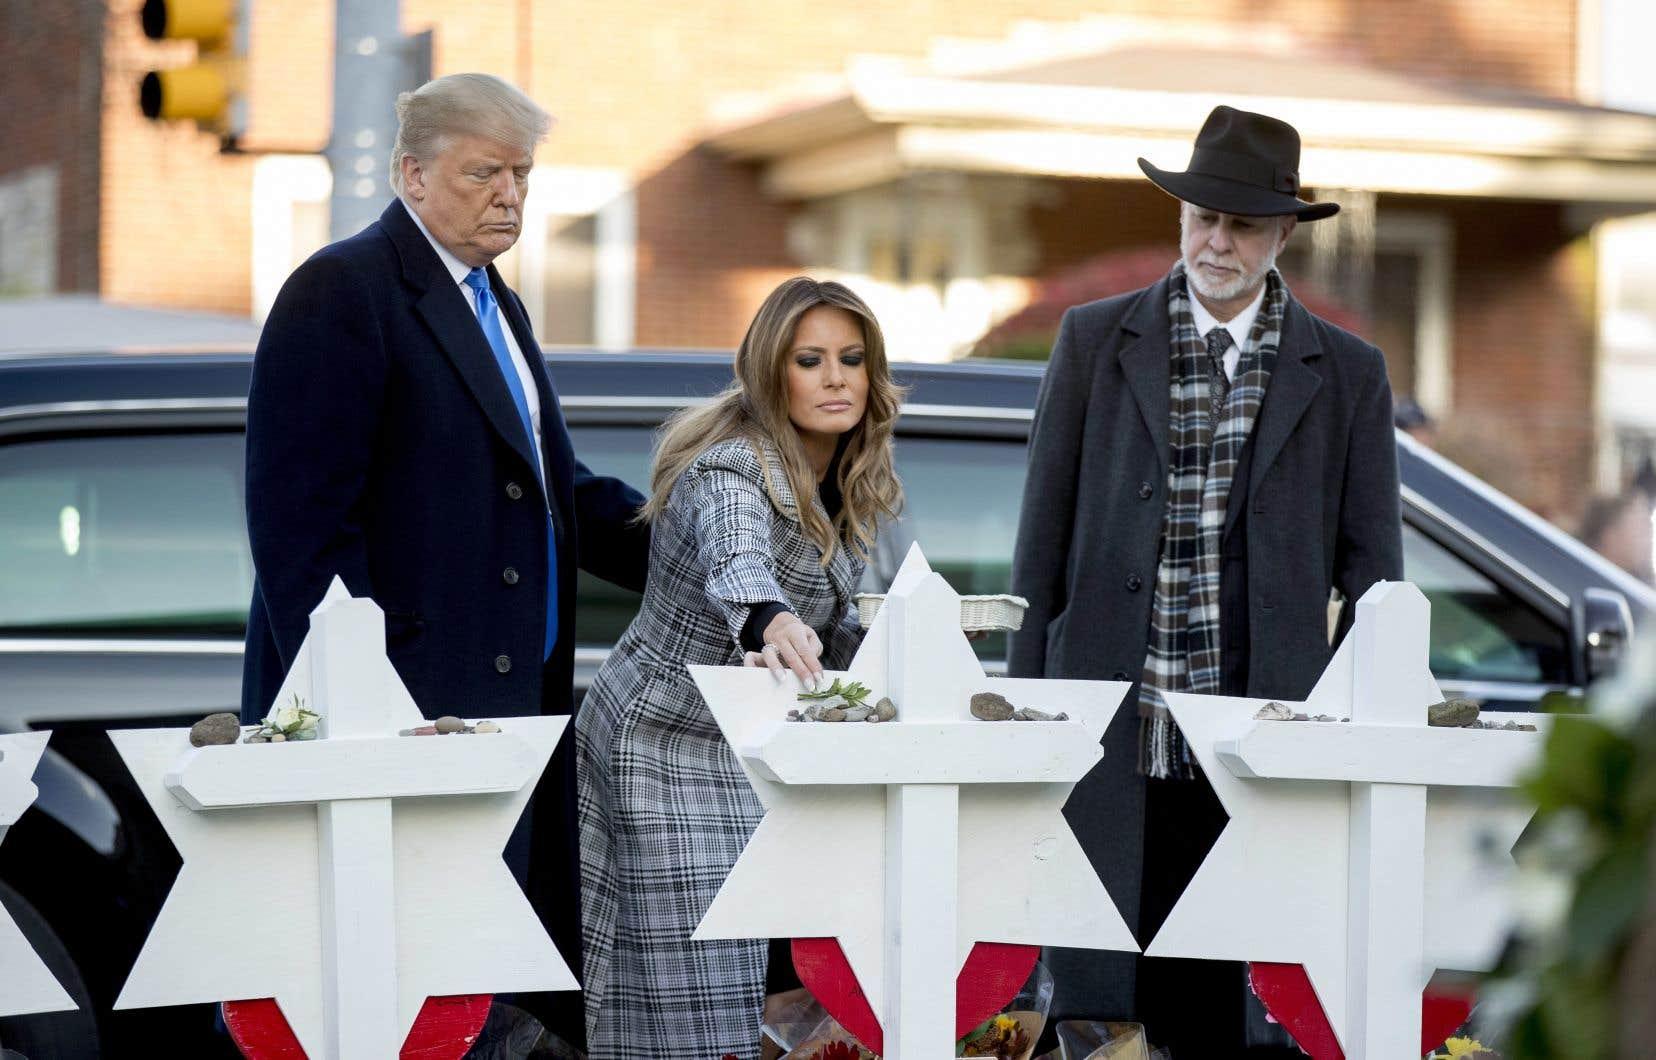 Le président Donald Trump et la première dame Melania Trump déposent des fleurs sur le monument commémoratif des victimes de la tuerie de Pittsburgh, mardi.